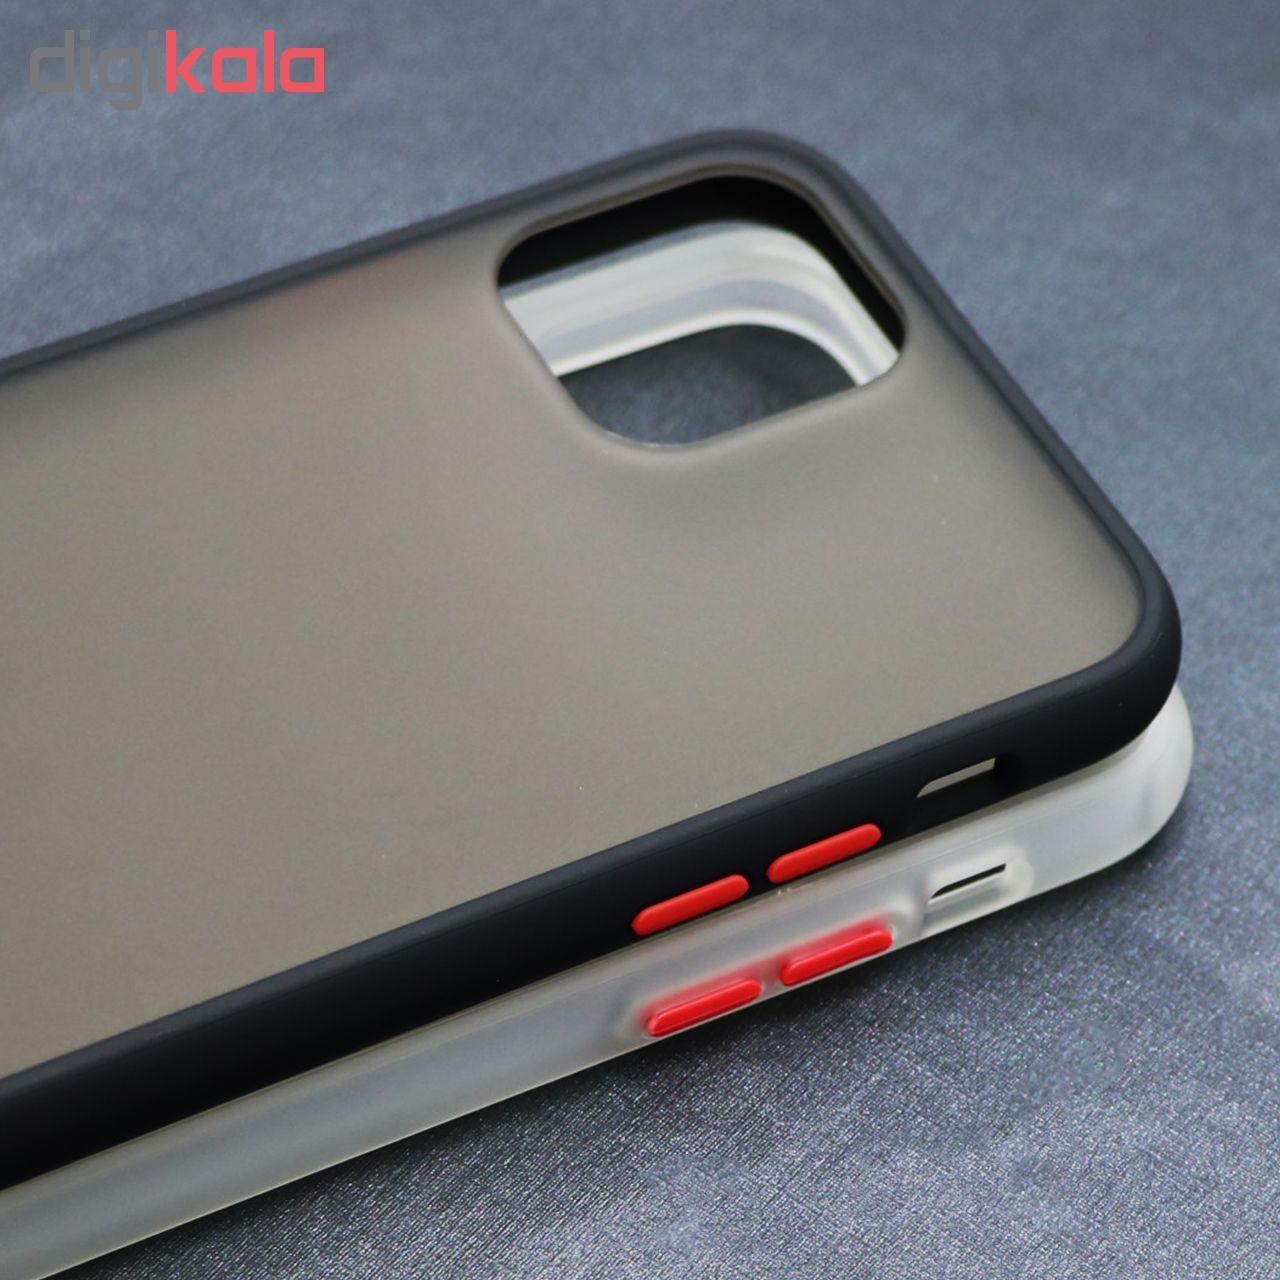 کاور مدل Sb-001 مناسب برای گوشی موبایل اپل Iphone 11 pro max  main 1 4